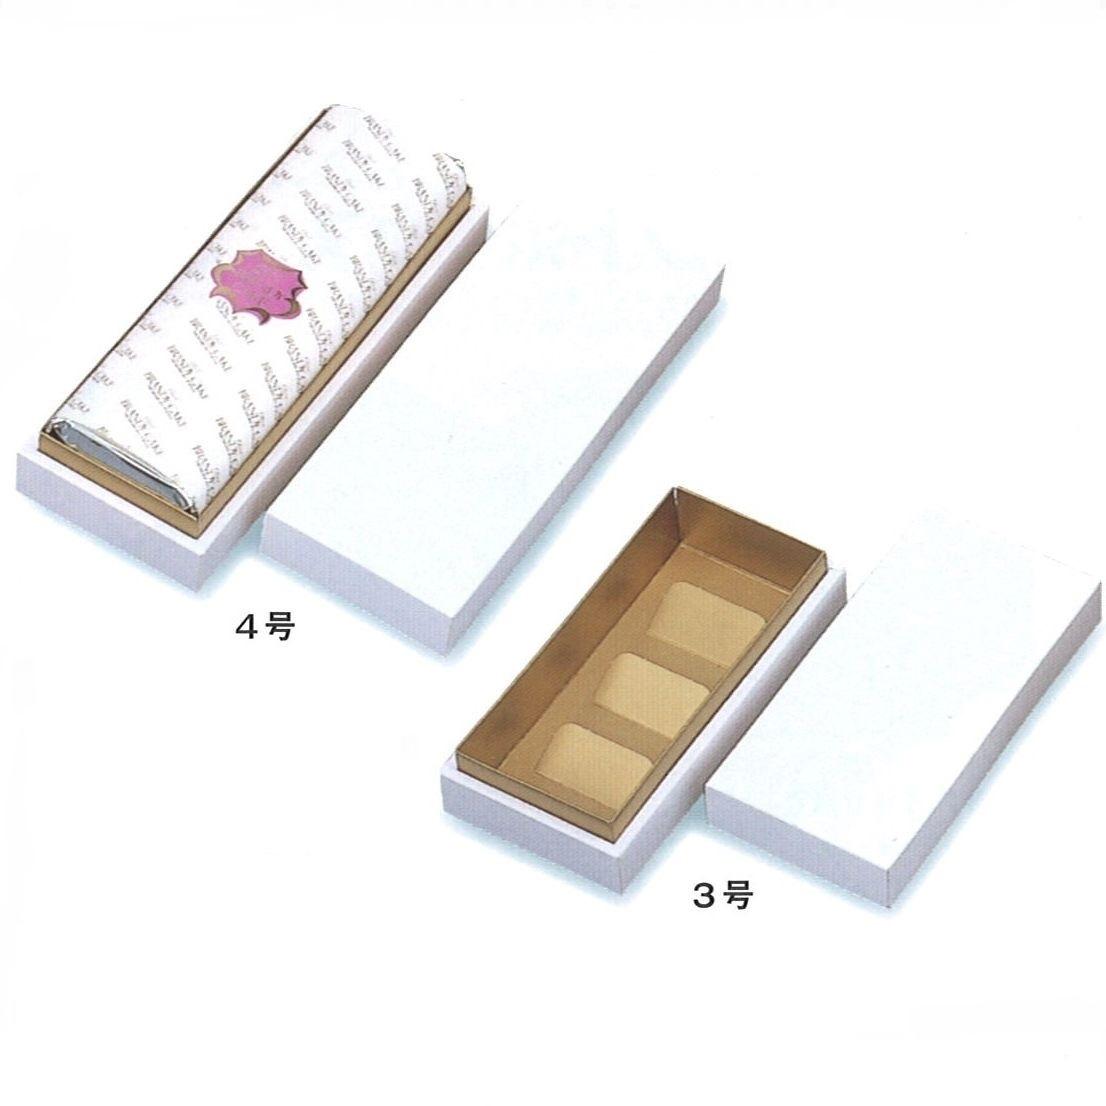 焼菓子箱 フリーBOXパール12号(50枚) 250×258×62mm 詰め合わせ ギフト箱 パッケージ中澤